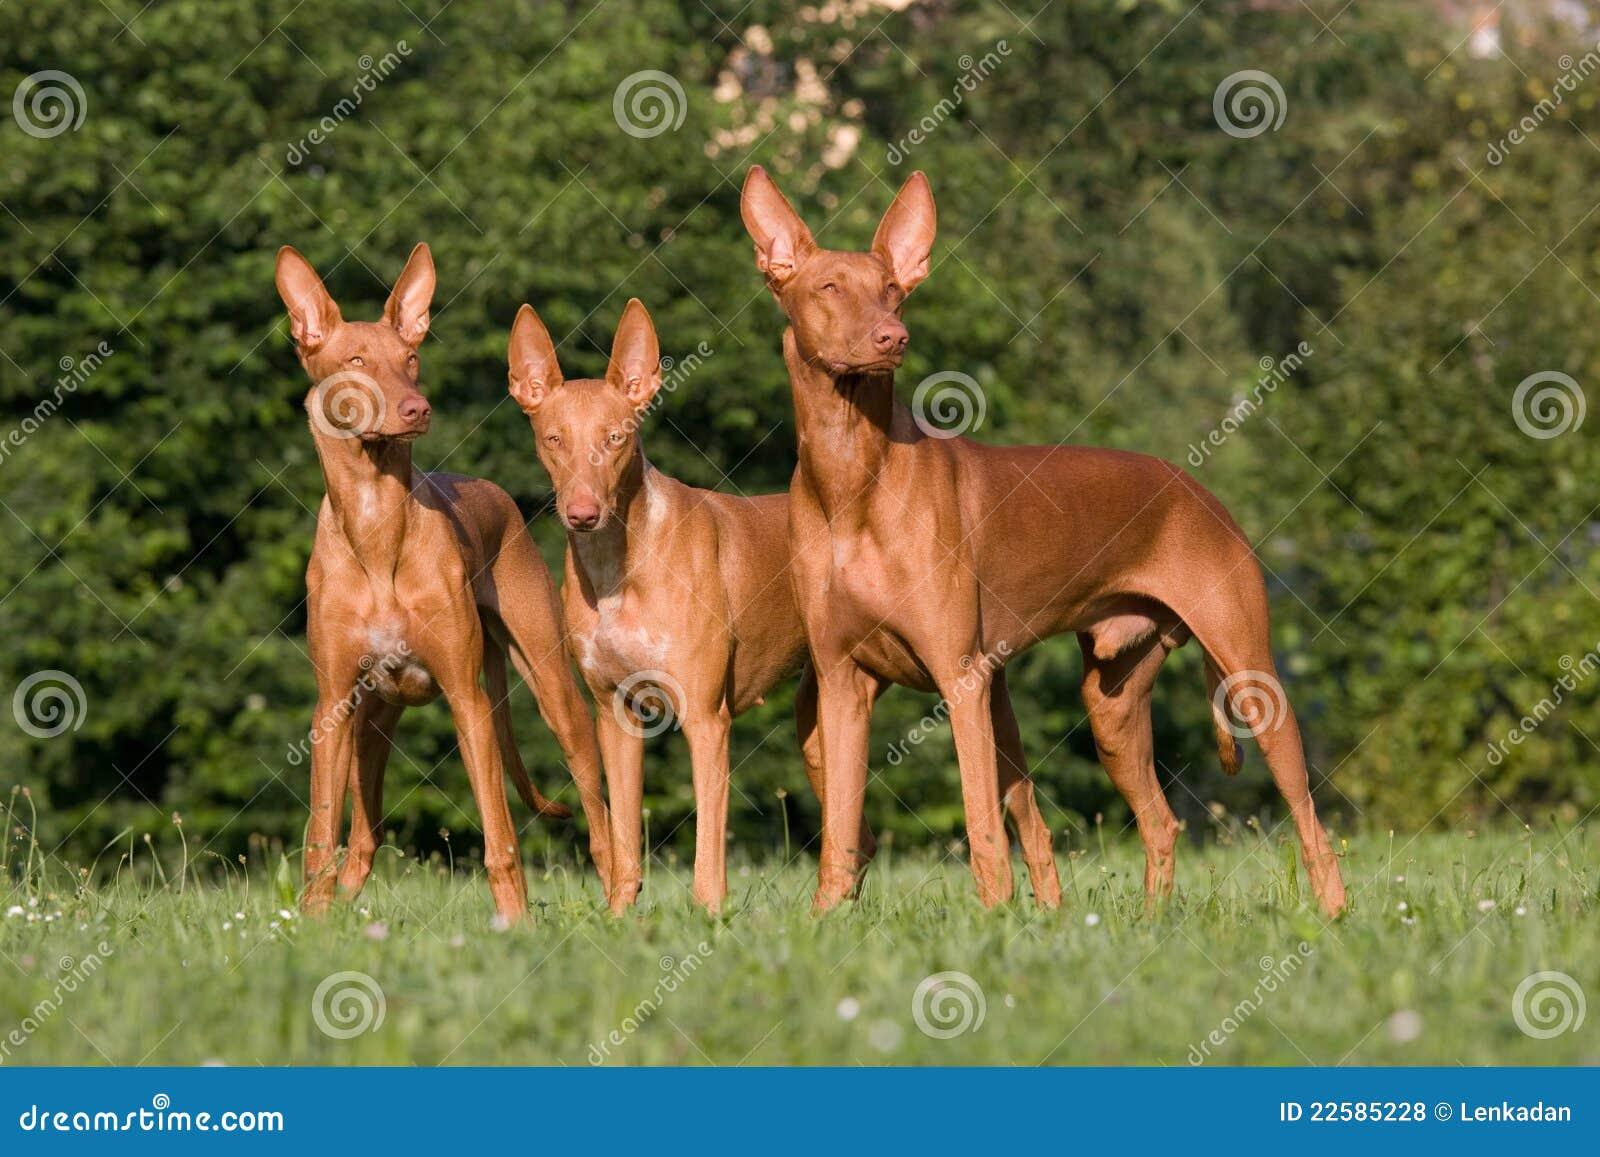 Three standing dogs - Pharaoh Hound